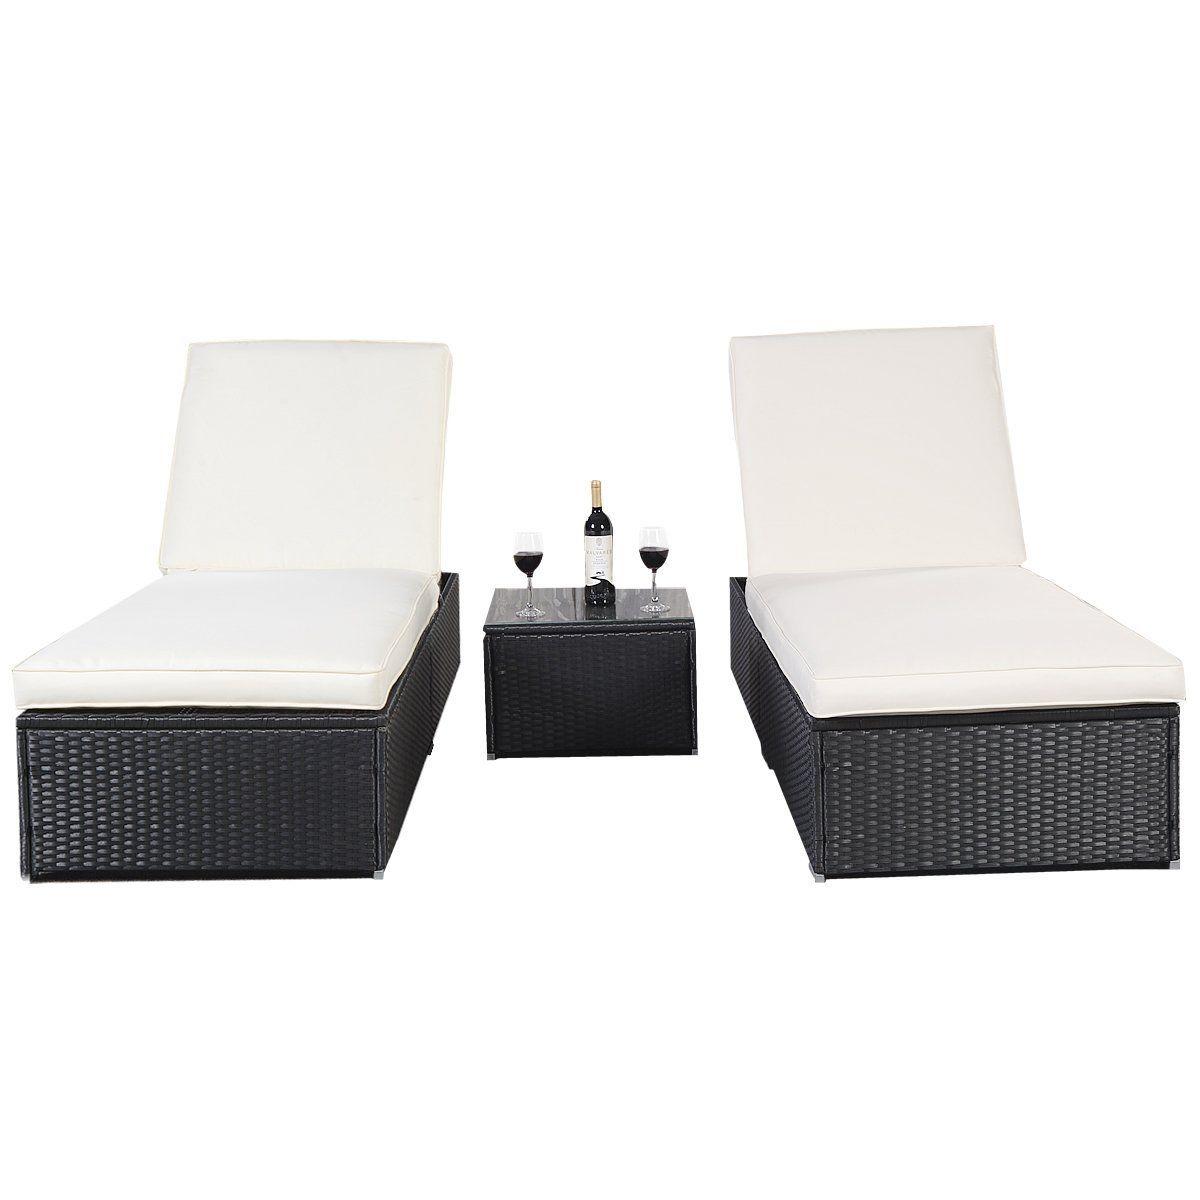 Amazon De Polyrattan Gartenliege Sonnenliege Relaxliege Liegestuhl Kissen Lounge Doppelliege Liegegruppe Schwa Sonnenliege Gartenliege Gartenliege Polyrattan